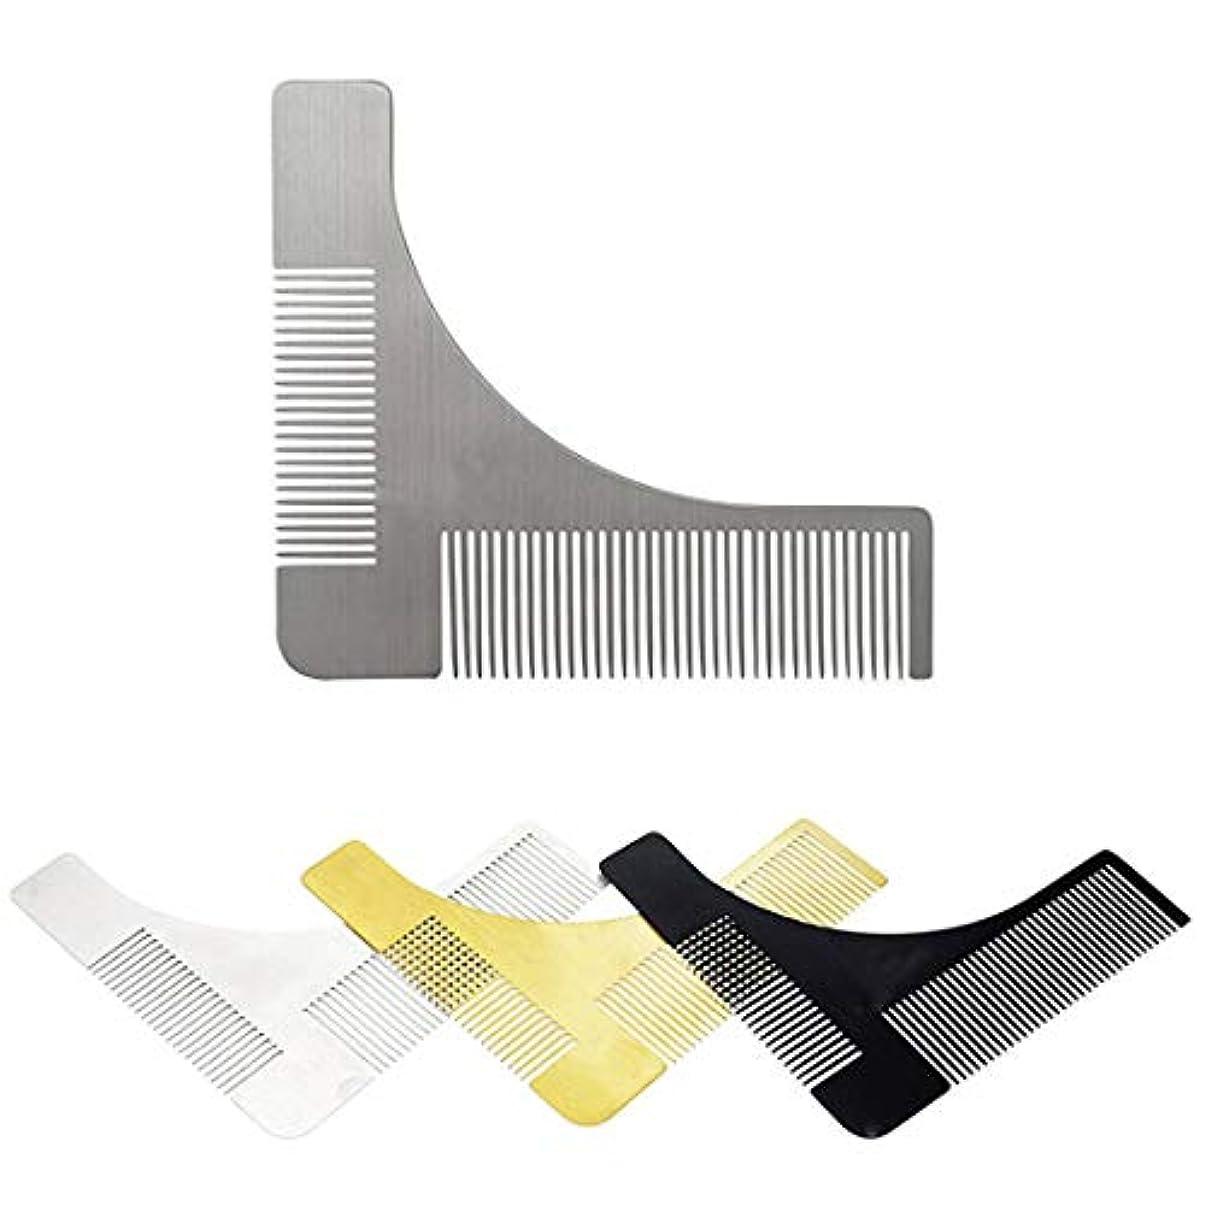 プライバシー前売容赦ないステンレス鋼のひげのスタイリングおよび形成のための型板の櫛用具 モデリングツール (色 : 304 material)